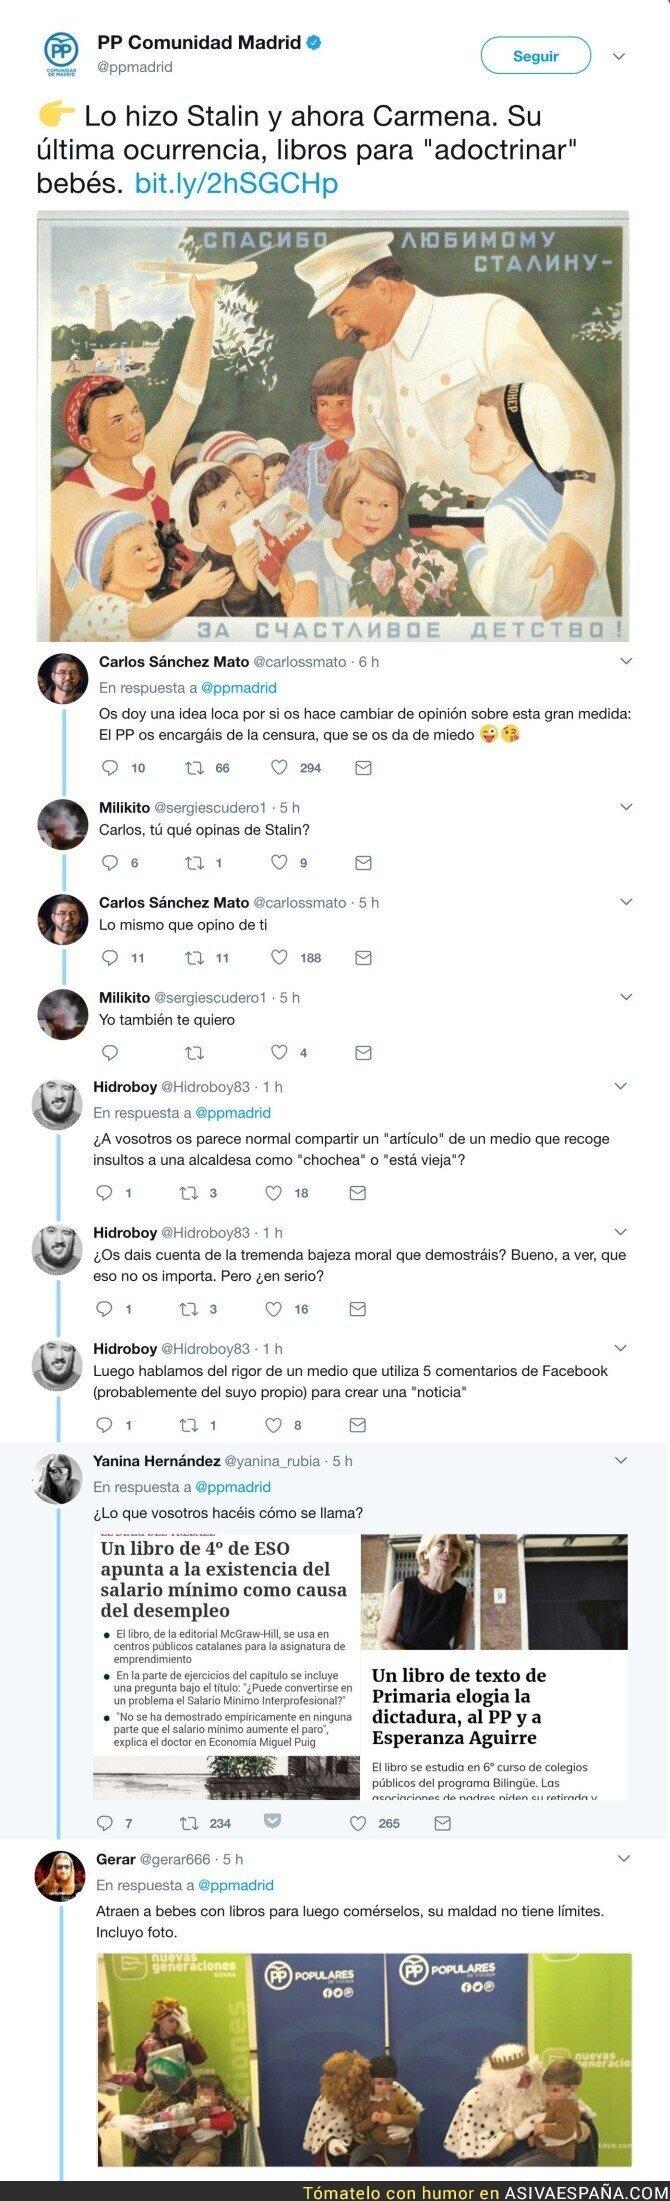 73043 - El PP de Madrid compara a Manuela Carmena con Stalin